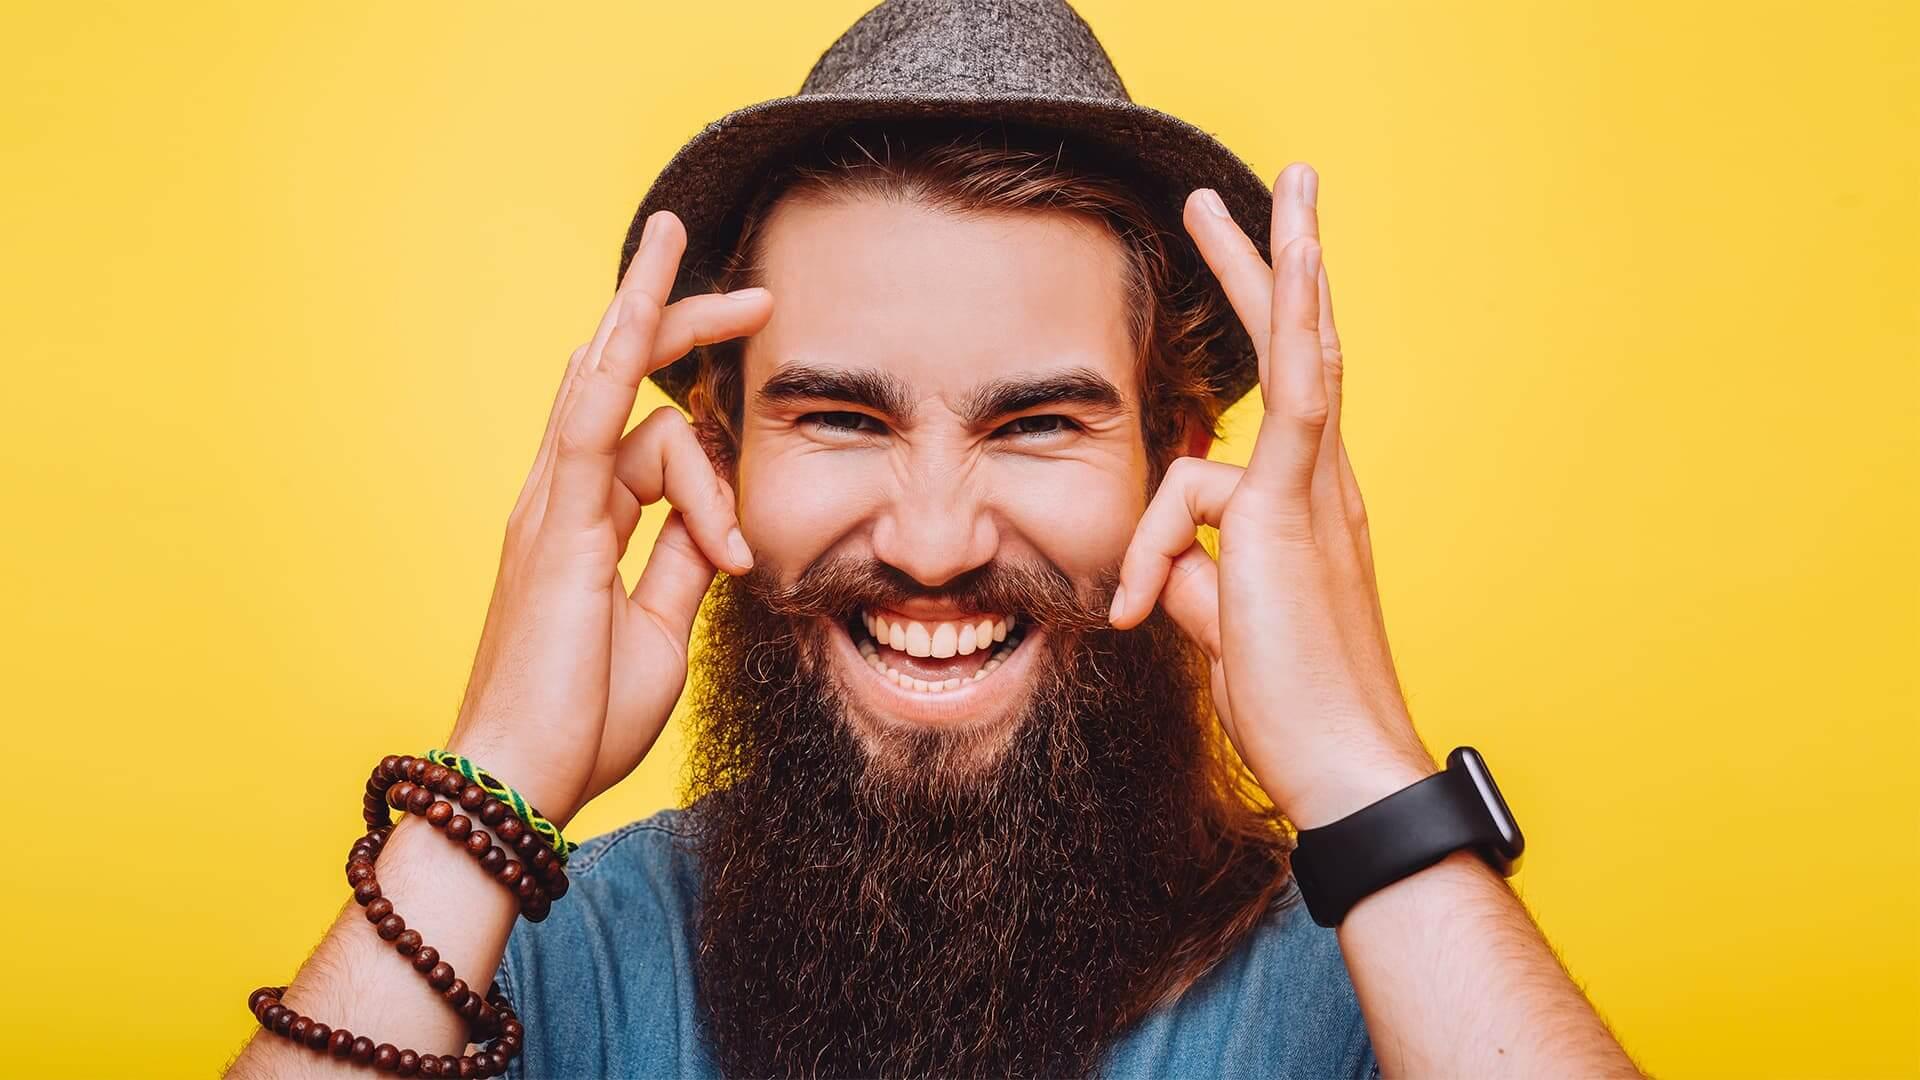 מחפשים פתרון יצירתי לבעיה? מה שנדרש זה שישה כובעים